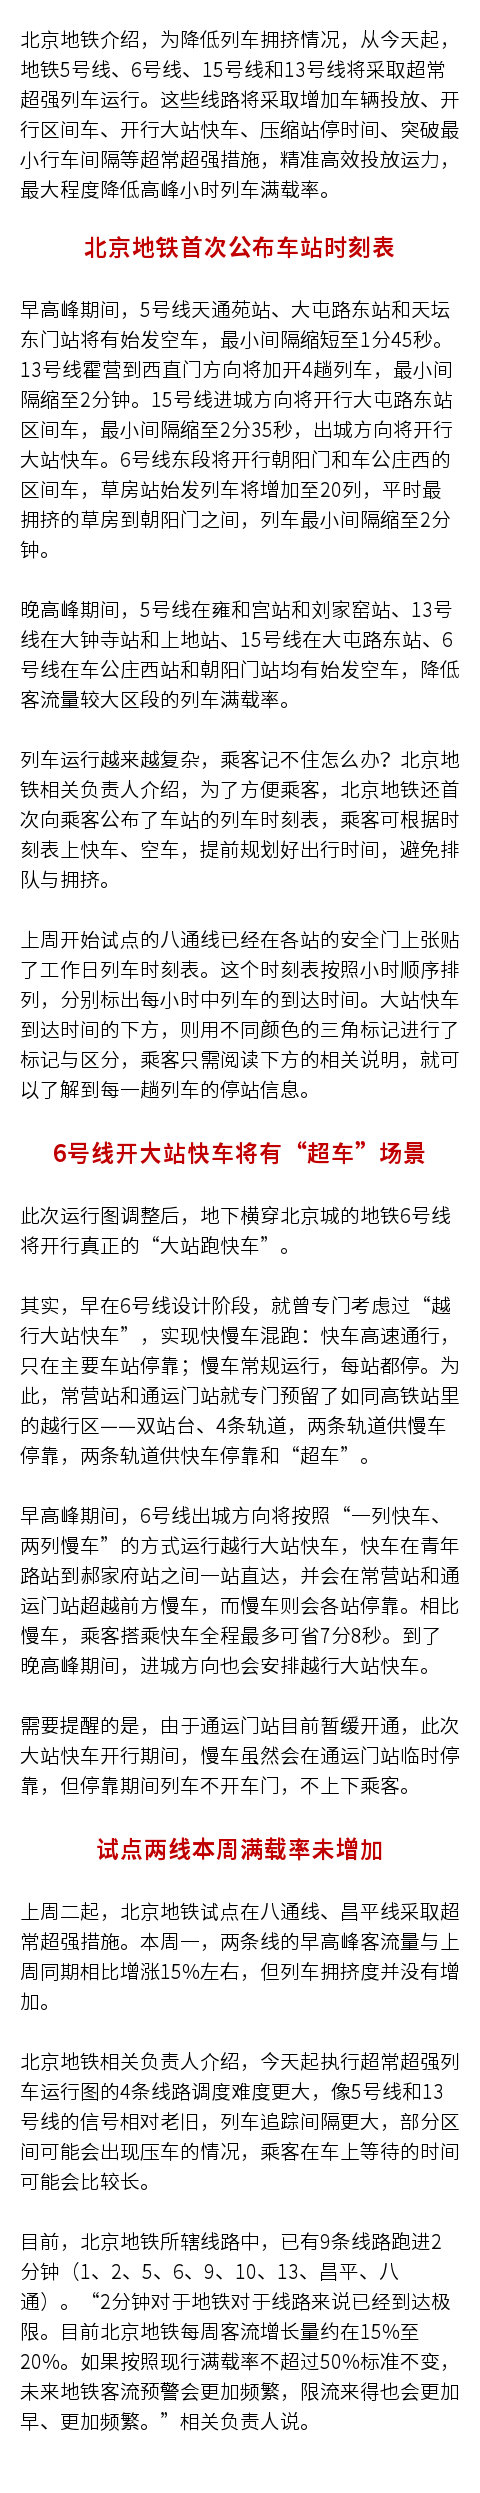 为降低列车拥挤,北京地铁5、6、13、15 号线将采取超常超强列车运行